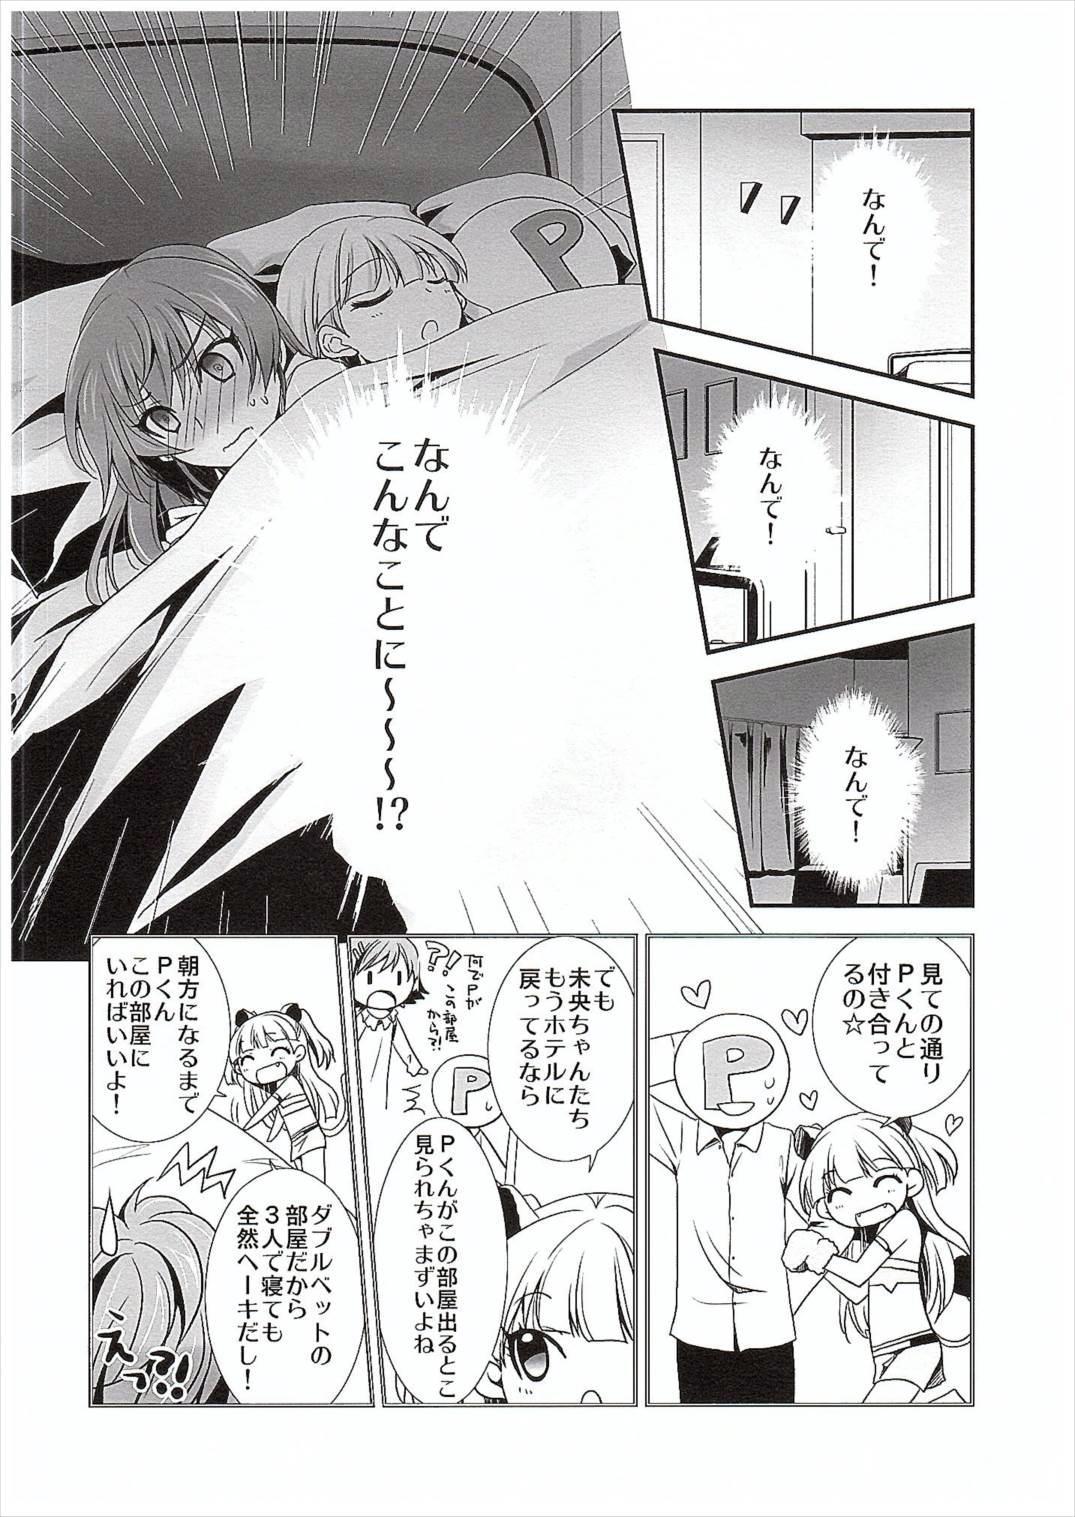 Atashi→P×Imouto 4